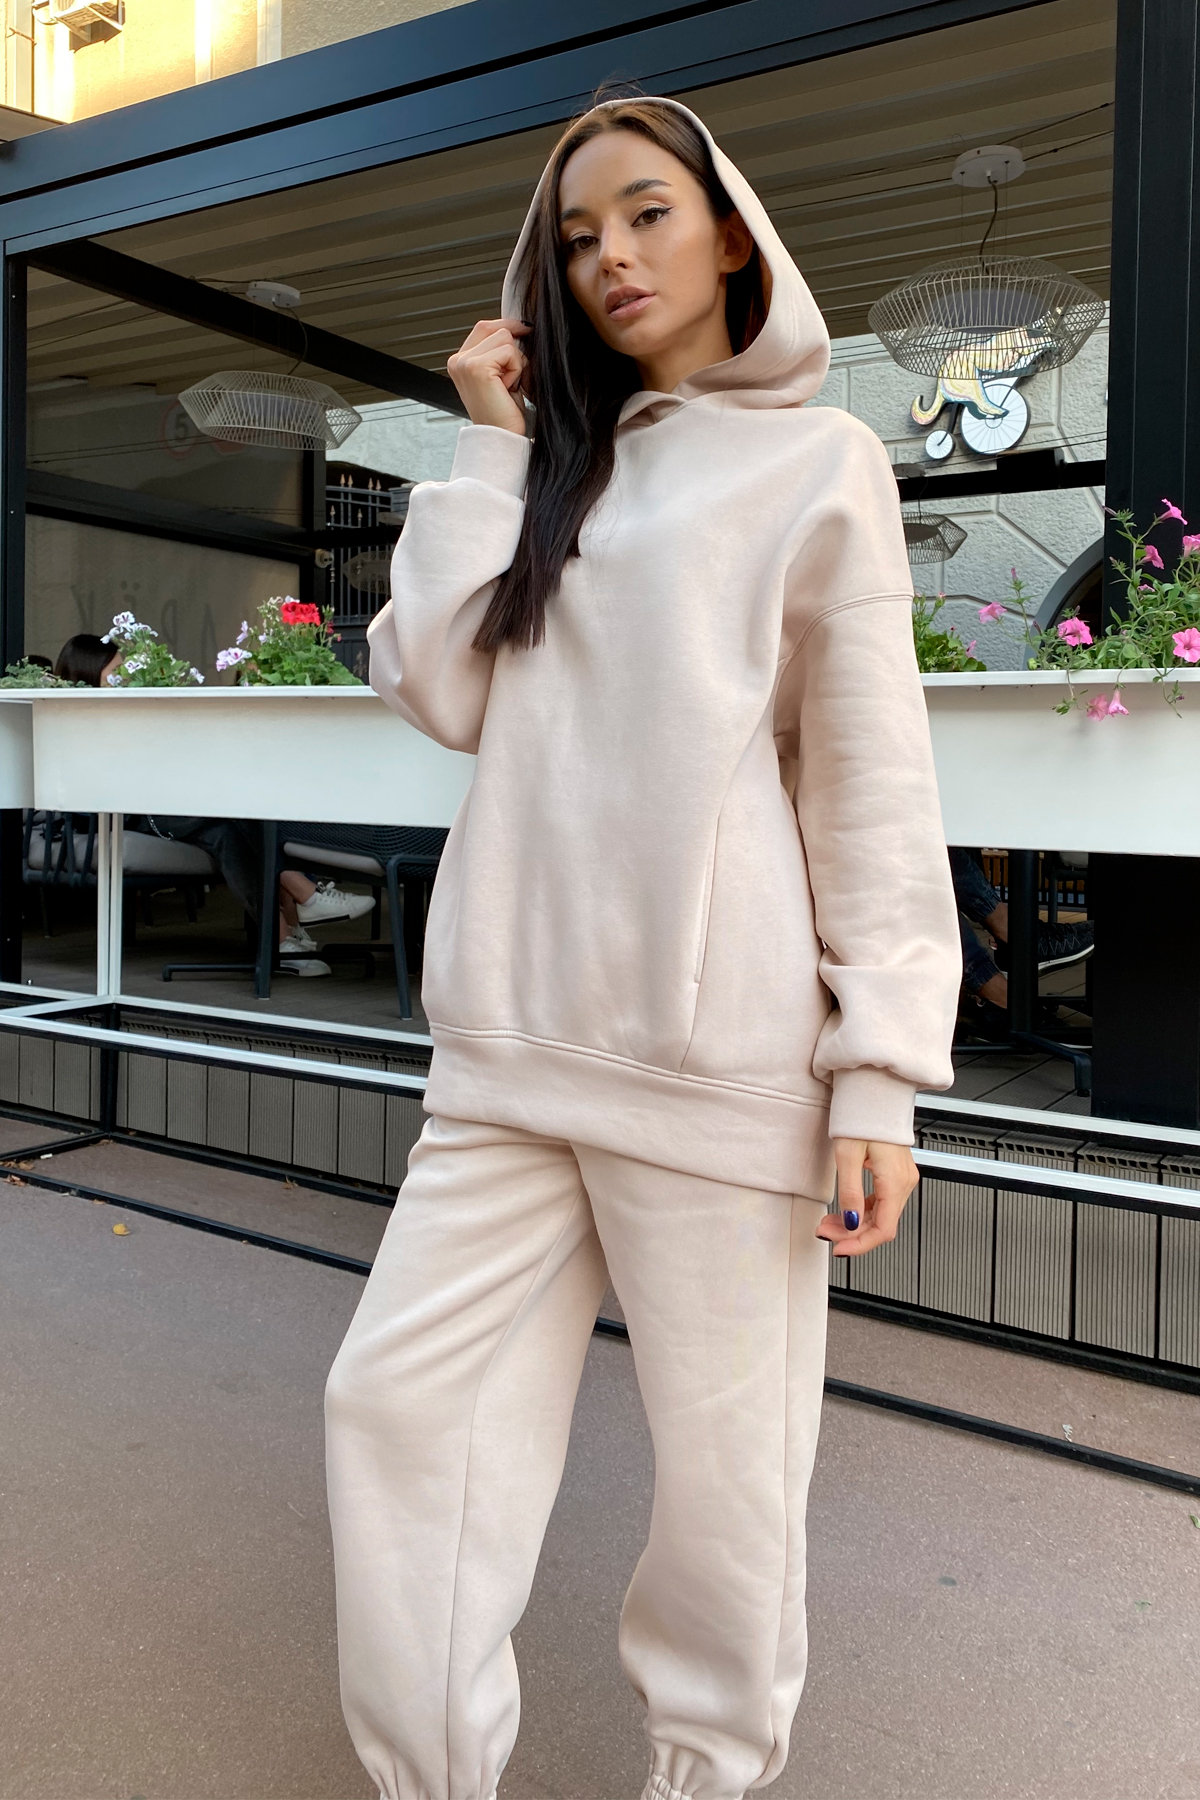 Марион костюм в  стиле Oversize  3х нитка 9651 АРТ. 45952 Цвет: св. бежевый - фото 4, интернет магазин tm-modus.ru